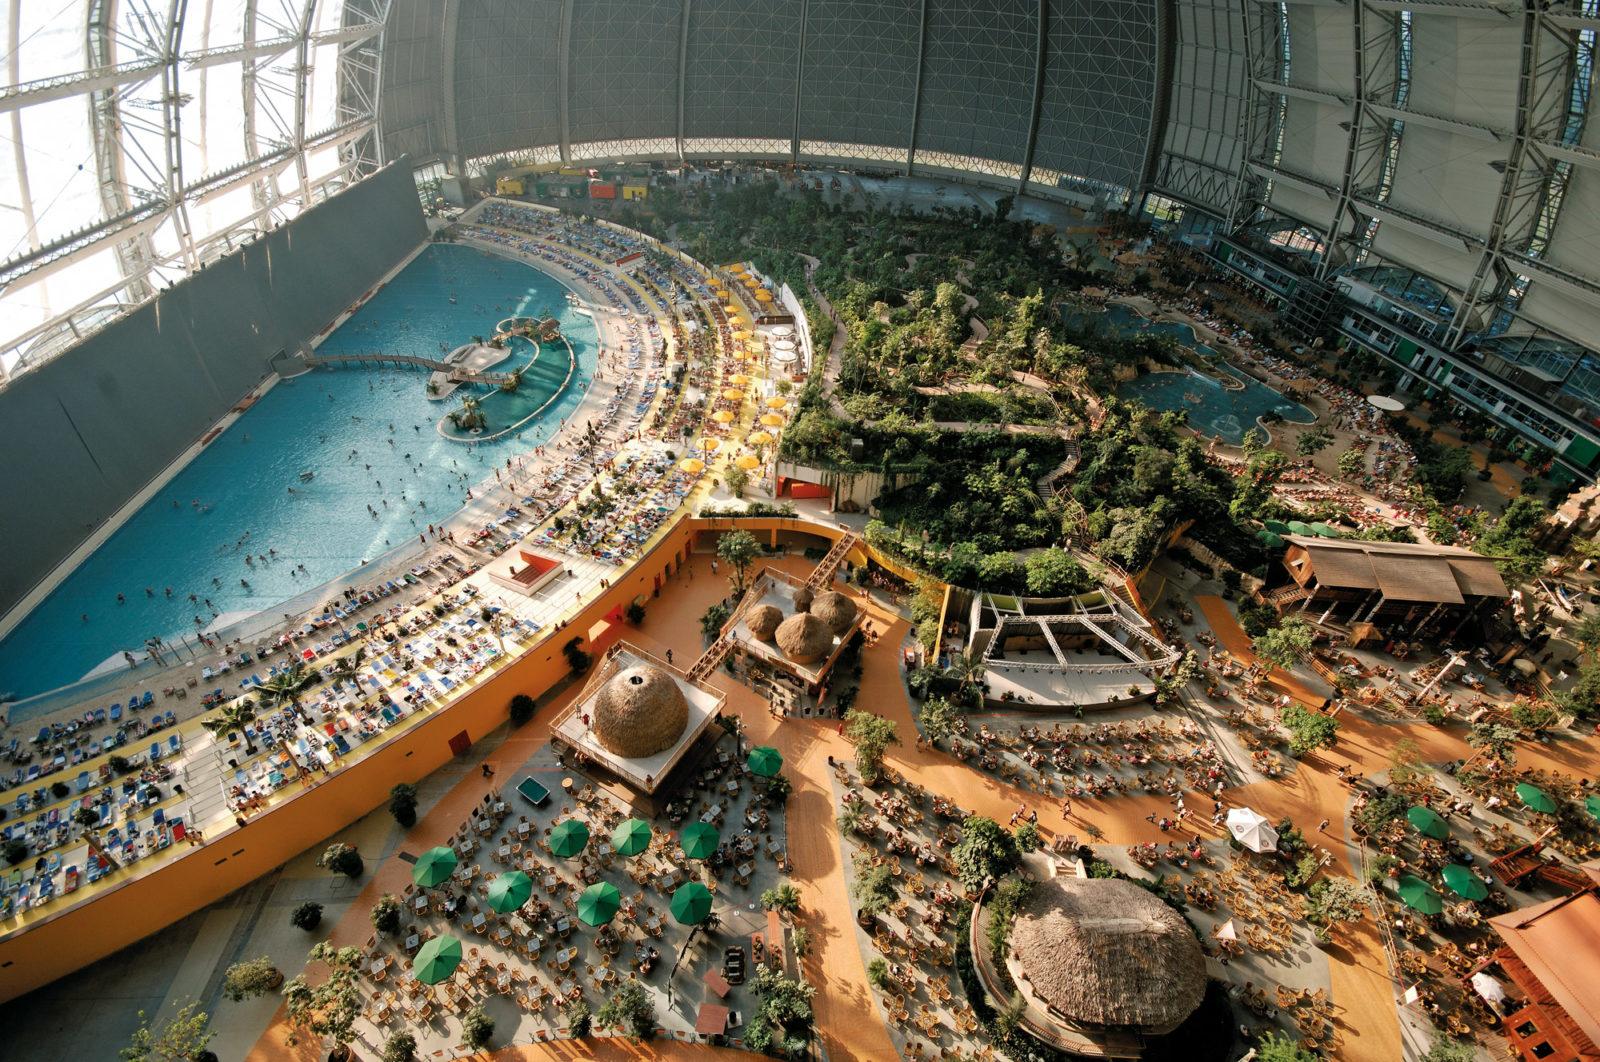 Zdjecie z lotu ptaka, ktore przedstawia ogromny obszar niemieckiego aquaparku w calej okazalosci.